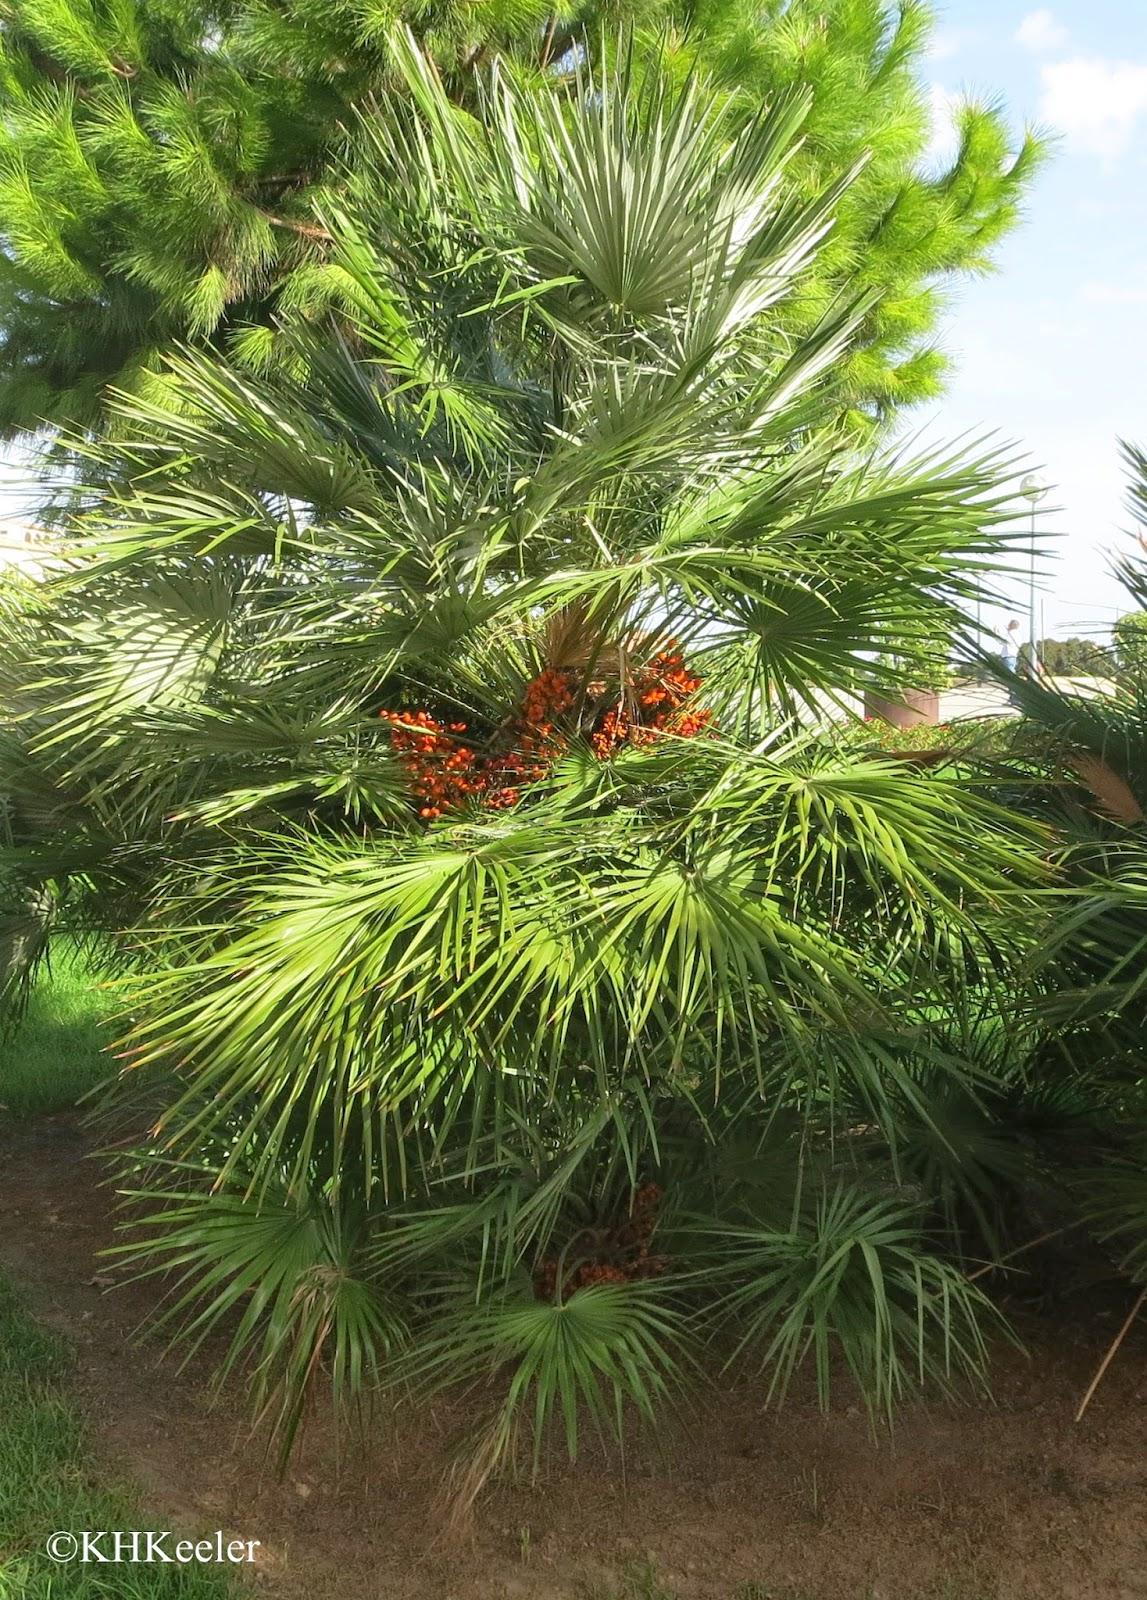 palm with fruits, Palma, Mallorca